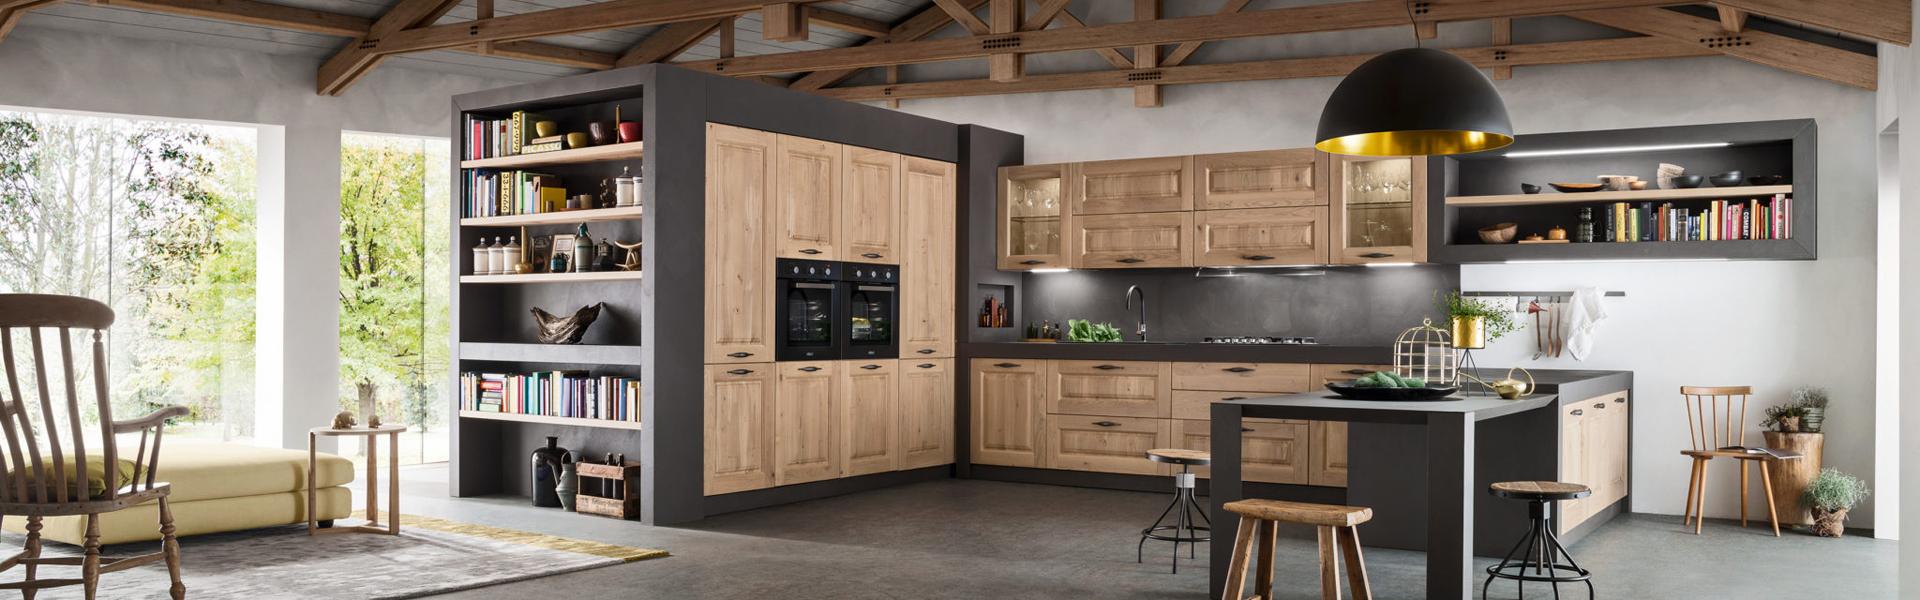 Cucine rustiche per uno stile inconfondibile - Miotto Casa ...